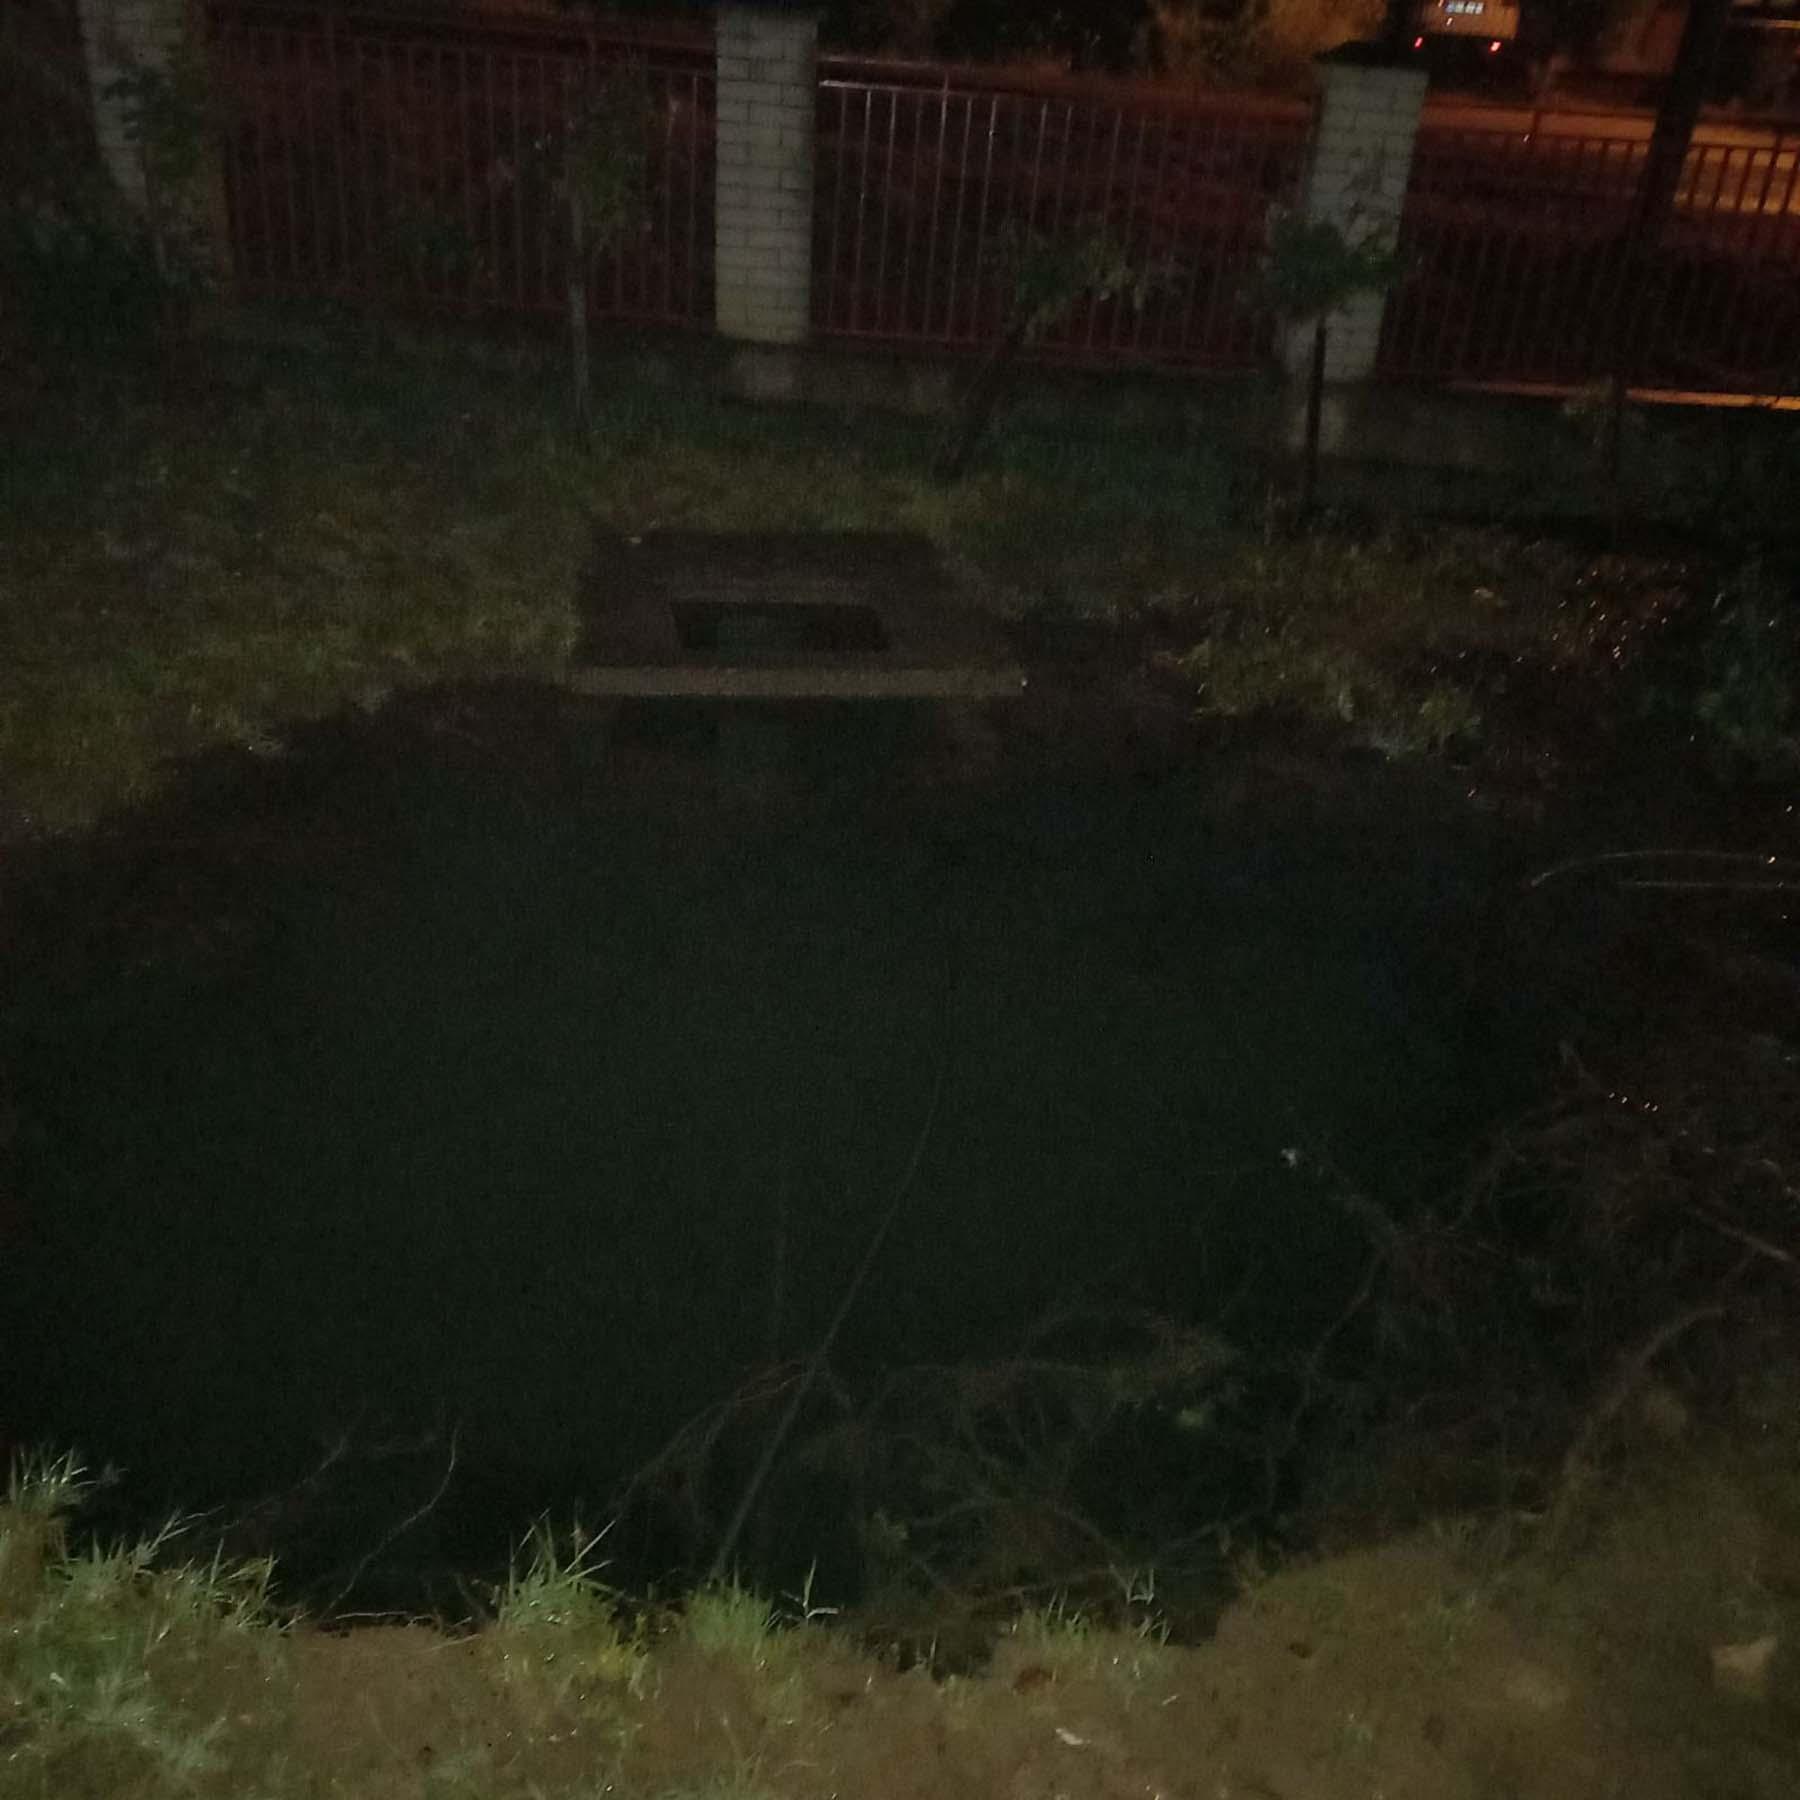 Zeleznik pukla cev poplava dvoriste havarija voda